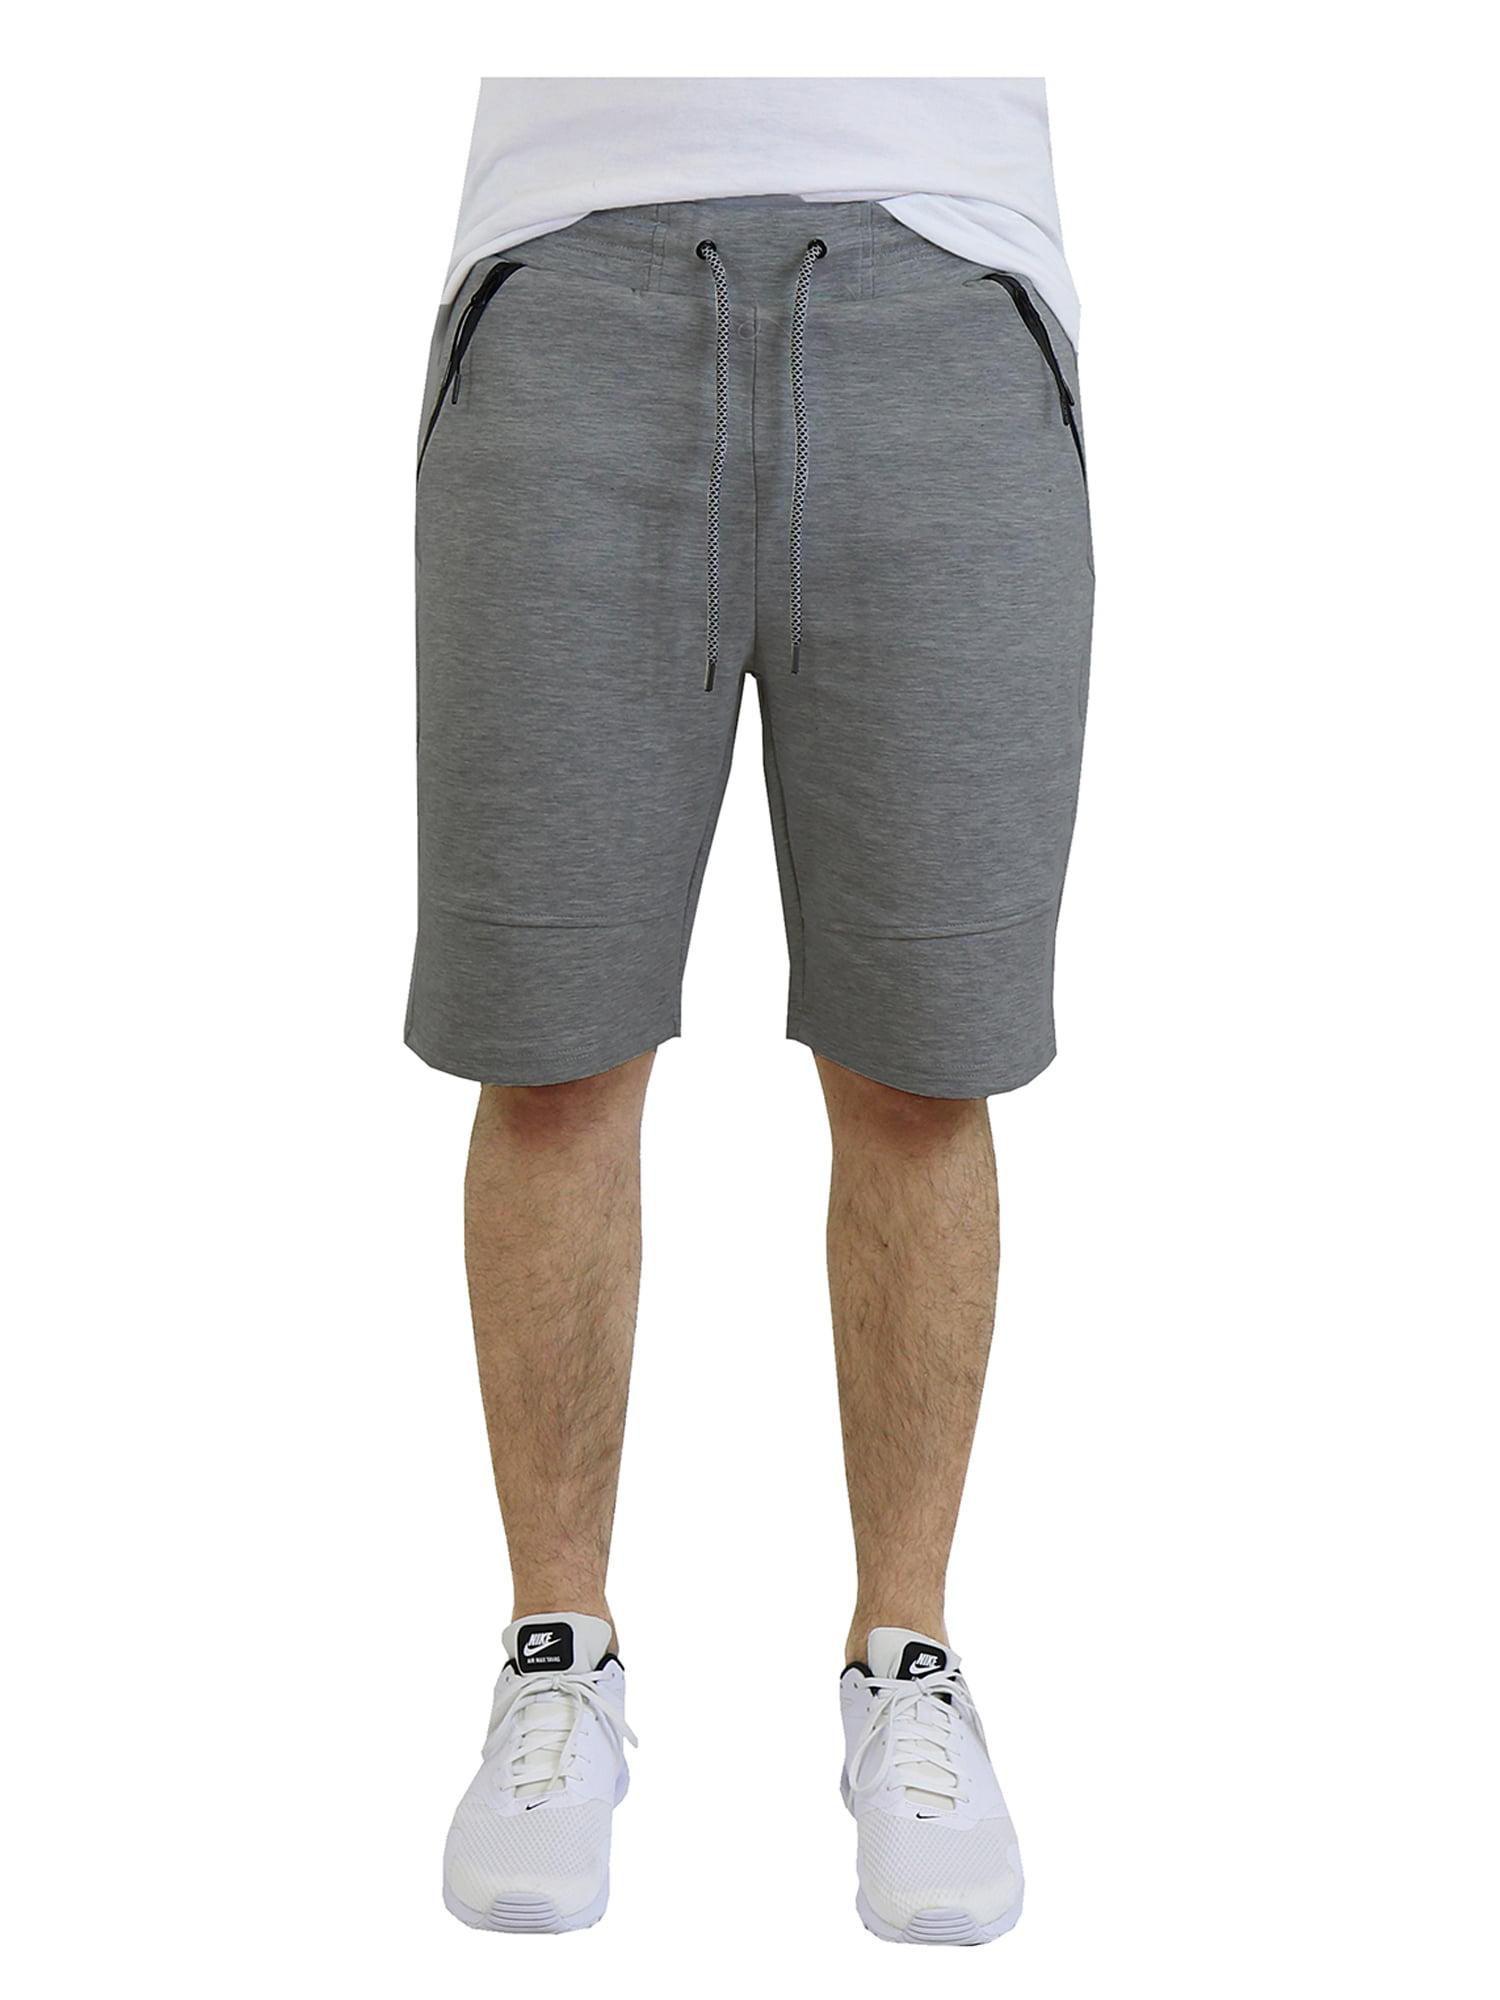 Gbh Mens Tech Fleece Shorts With Zipper Pockets Walmart Com Walmart Com